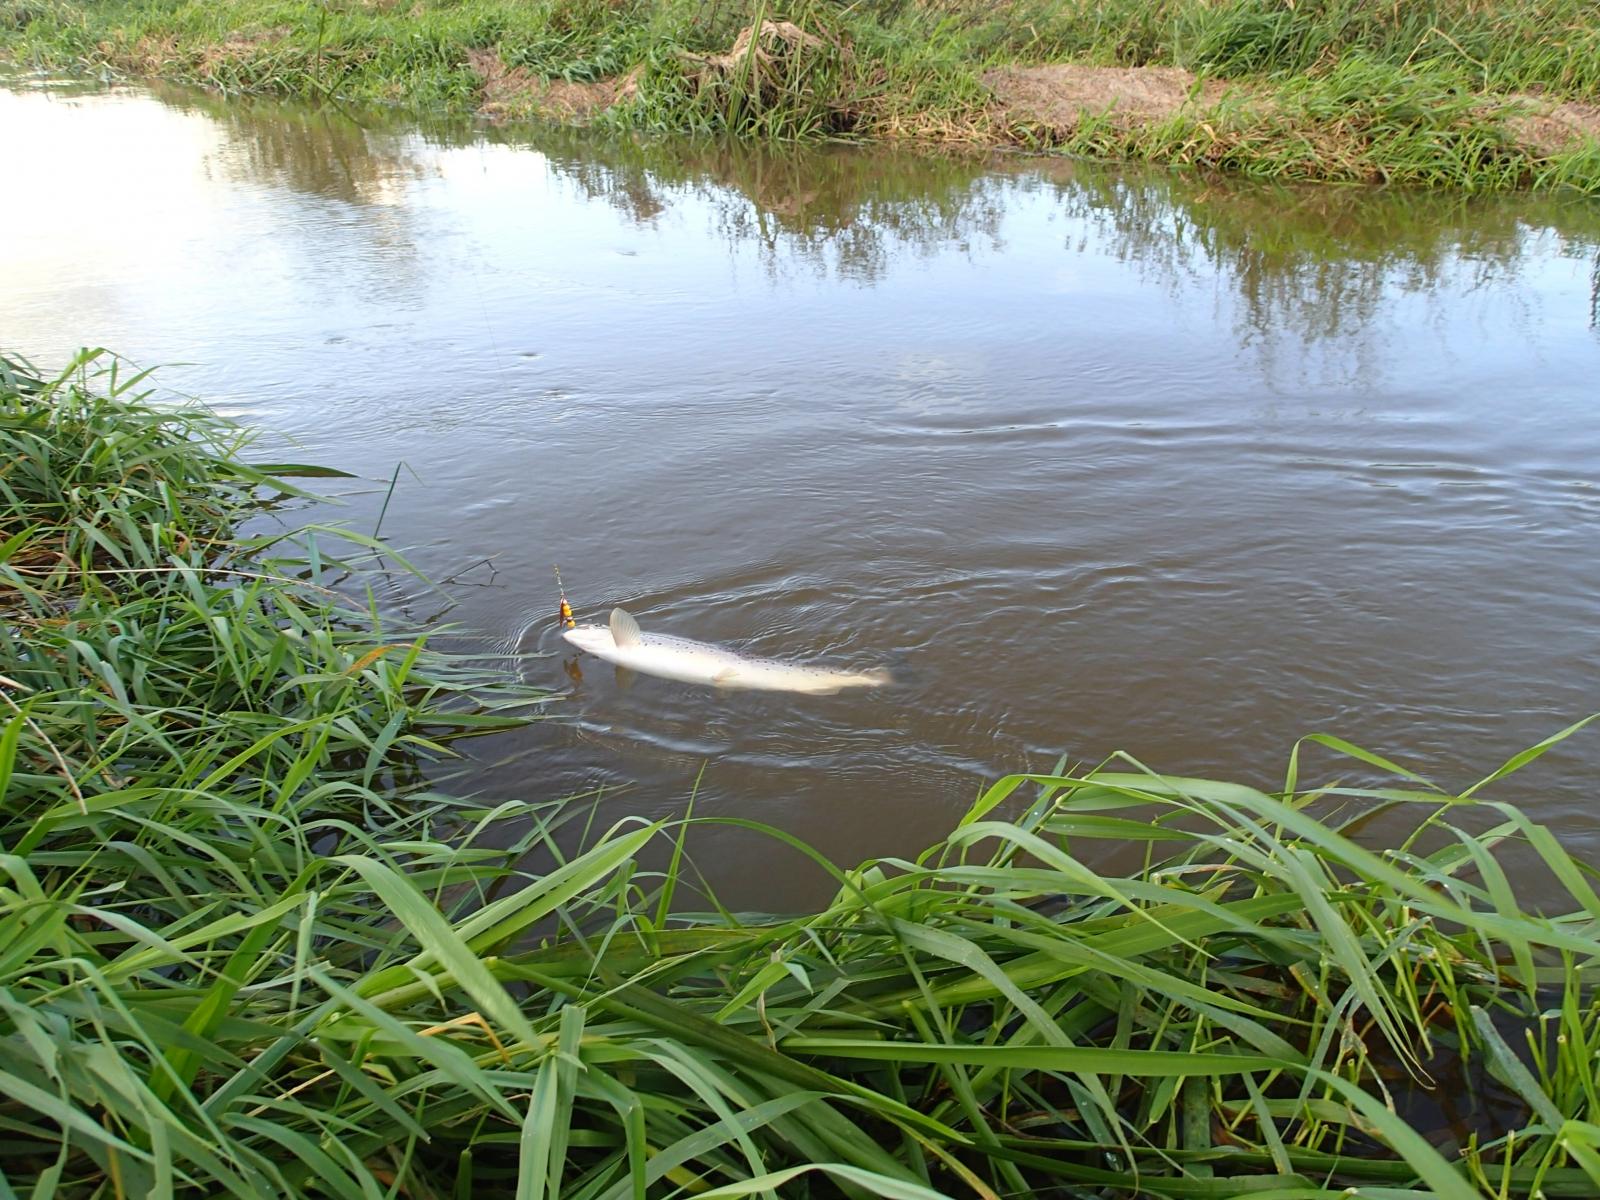 Havørred på 69 cm og 3.90 kg fra Den lille å, Østjylland -  fanget på Spinner # 6948